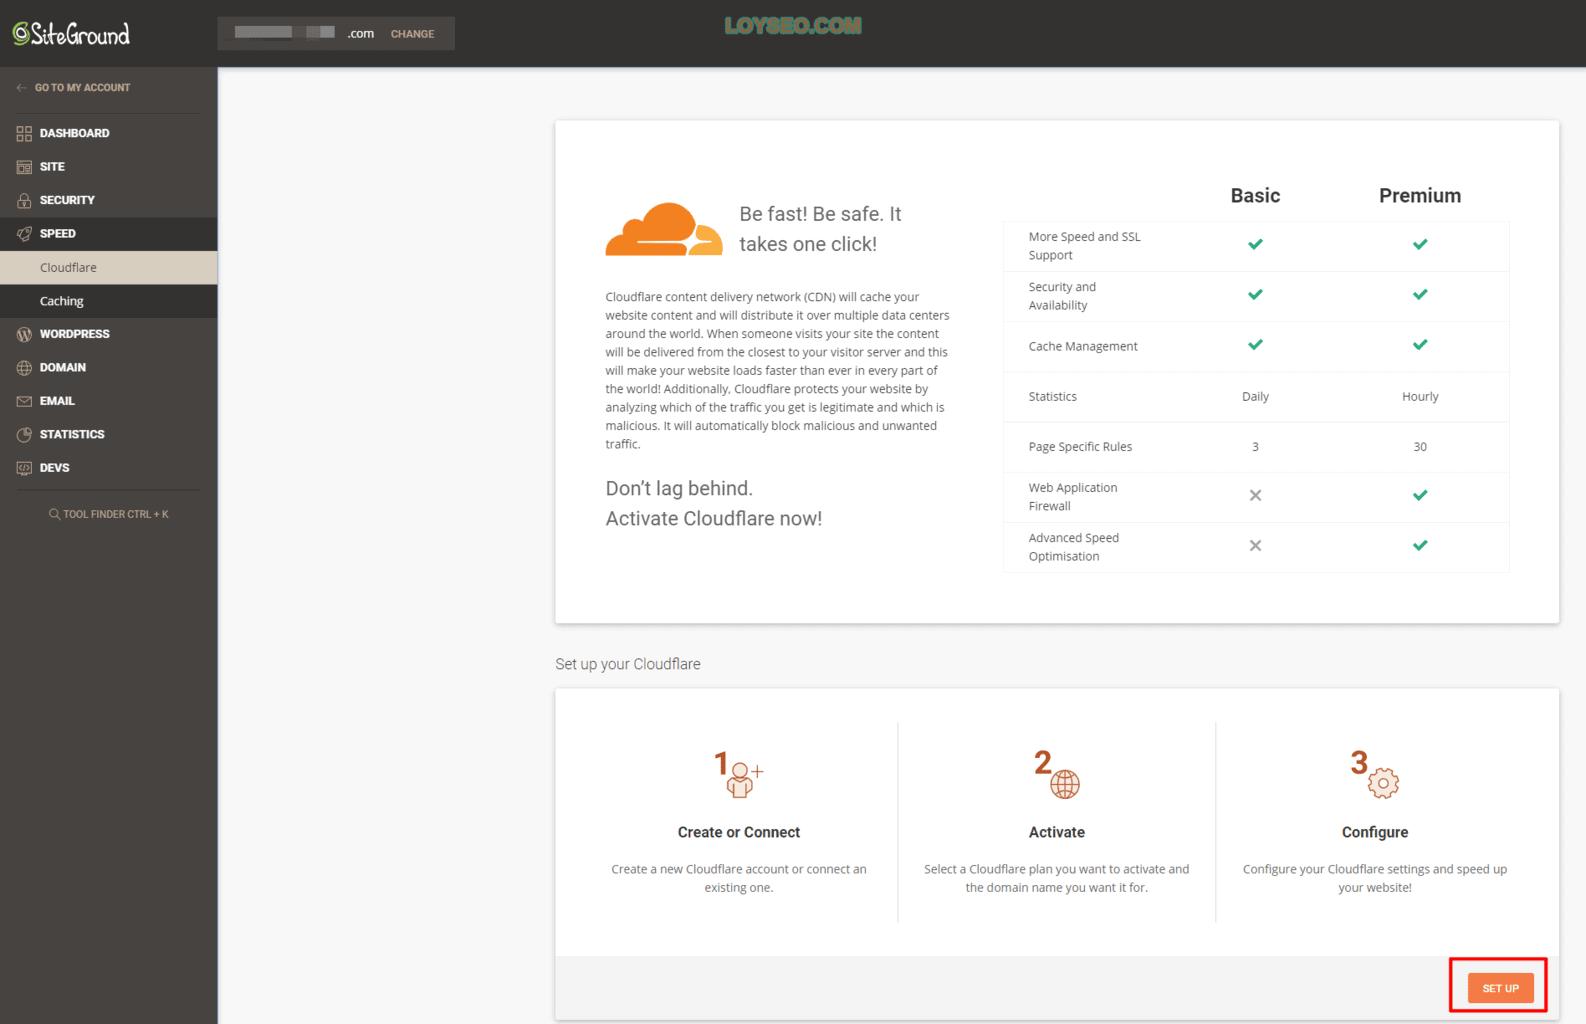 siteground给网站启用cloudflare-cdn-1